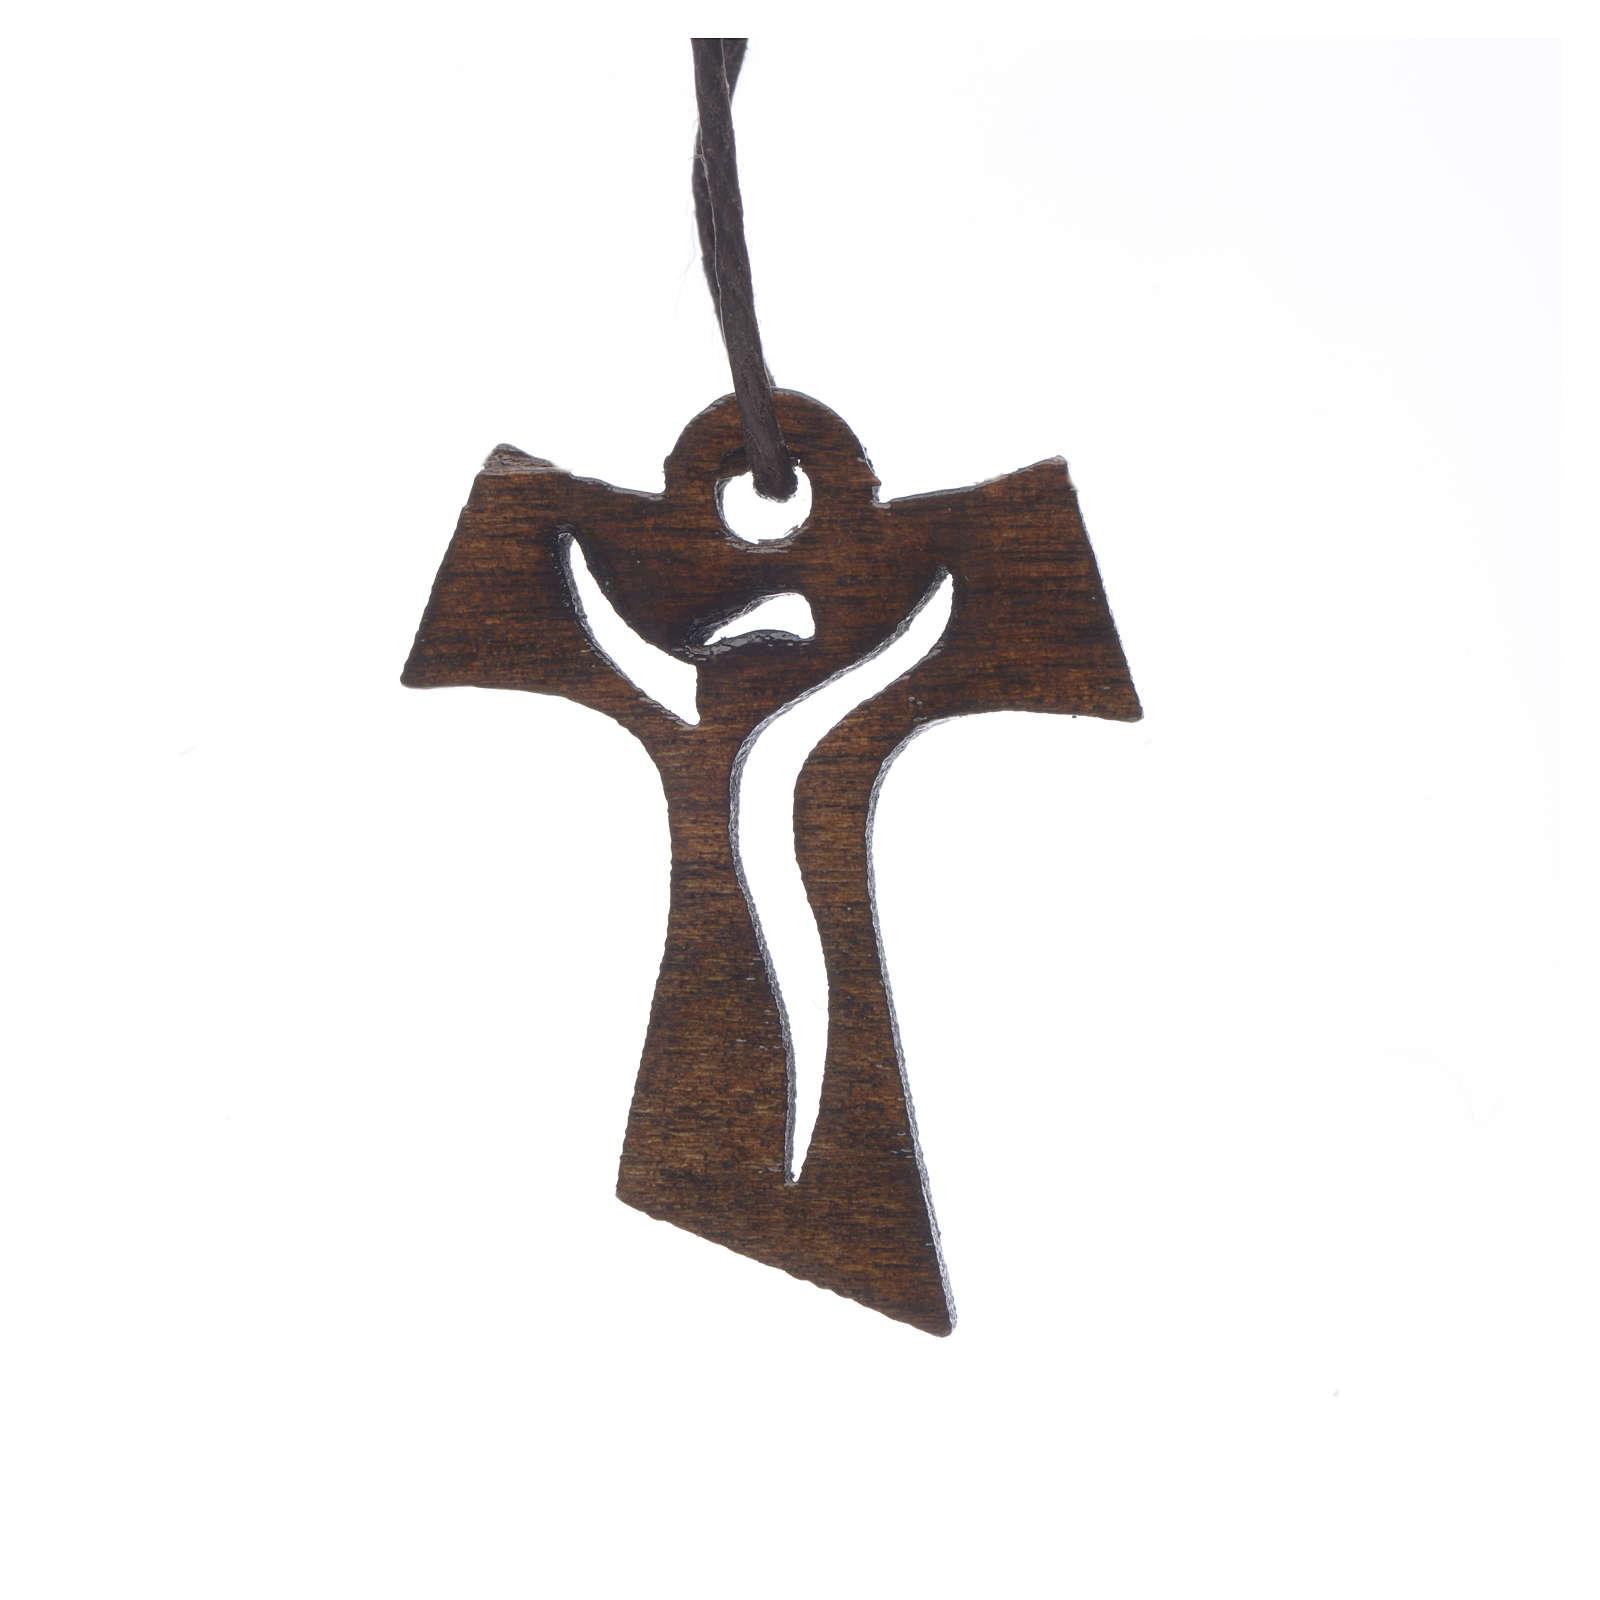 Krzyż Pierwsza Komunia drewno ciemne Zmartwychwstały 3.4x2.4 cm 4